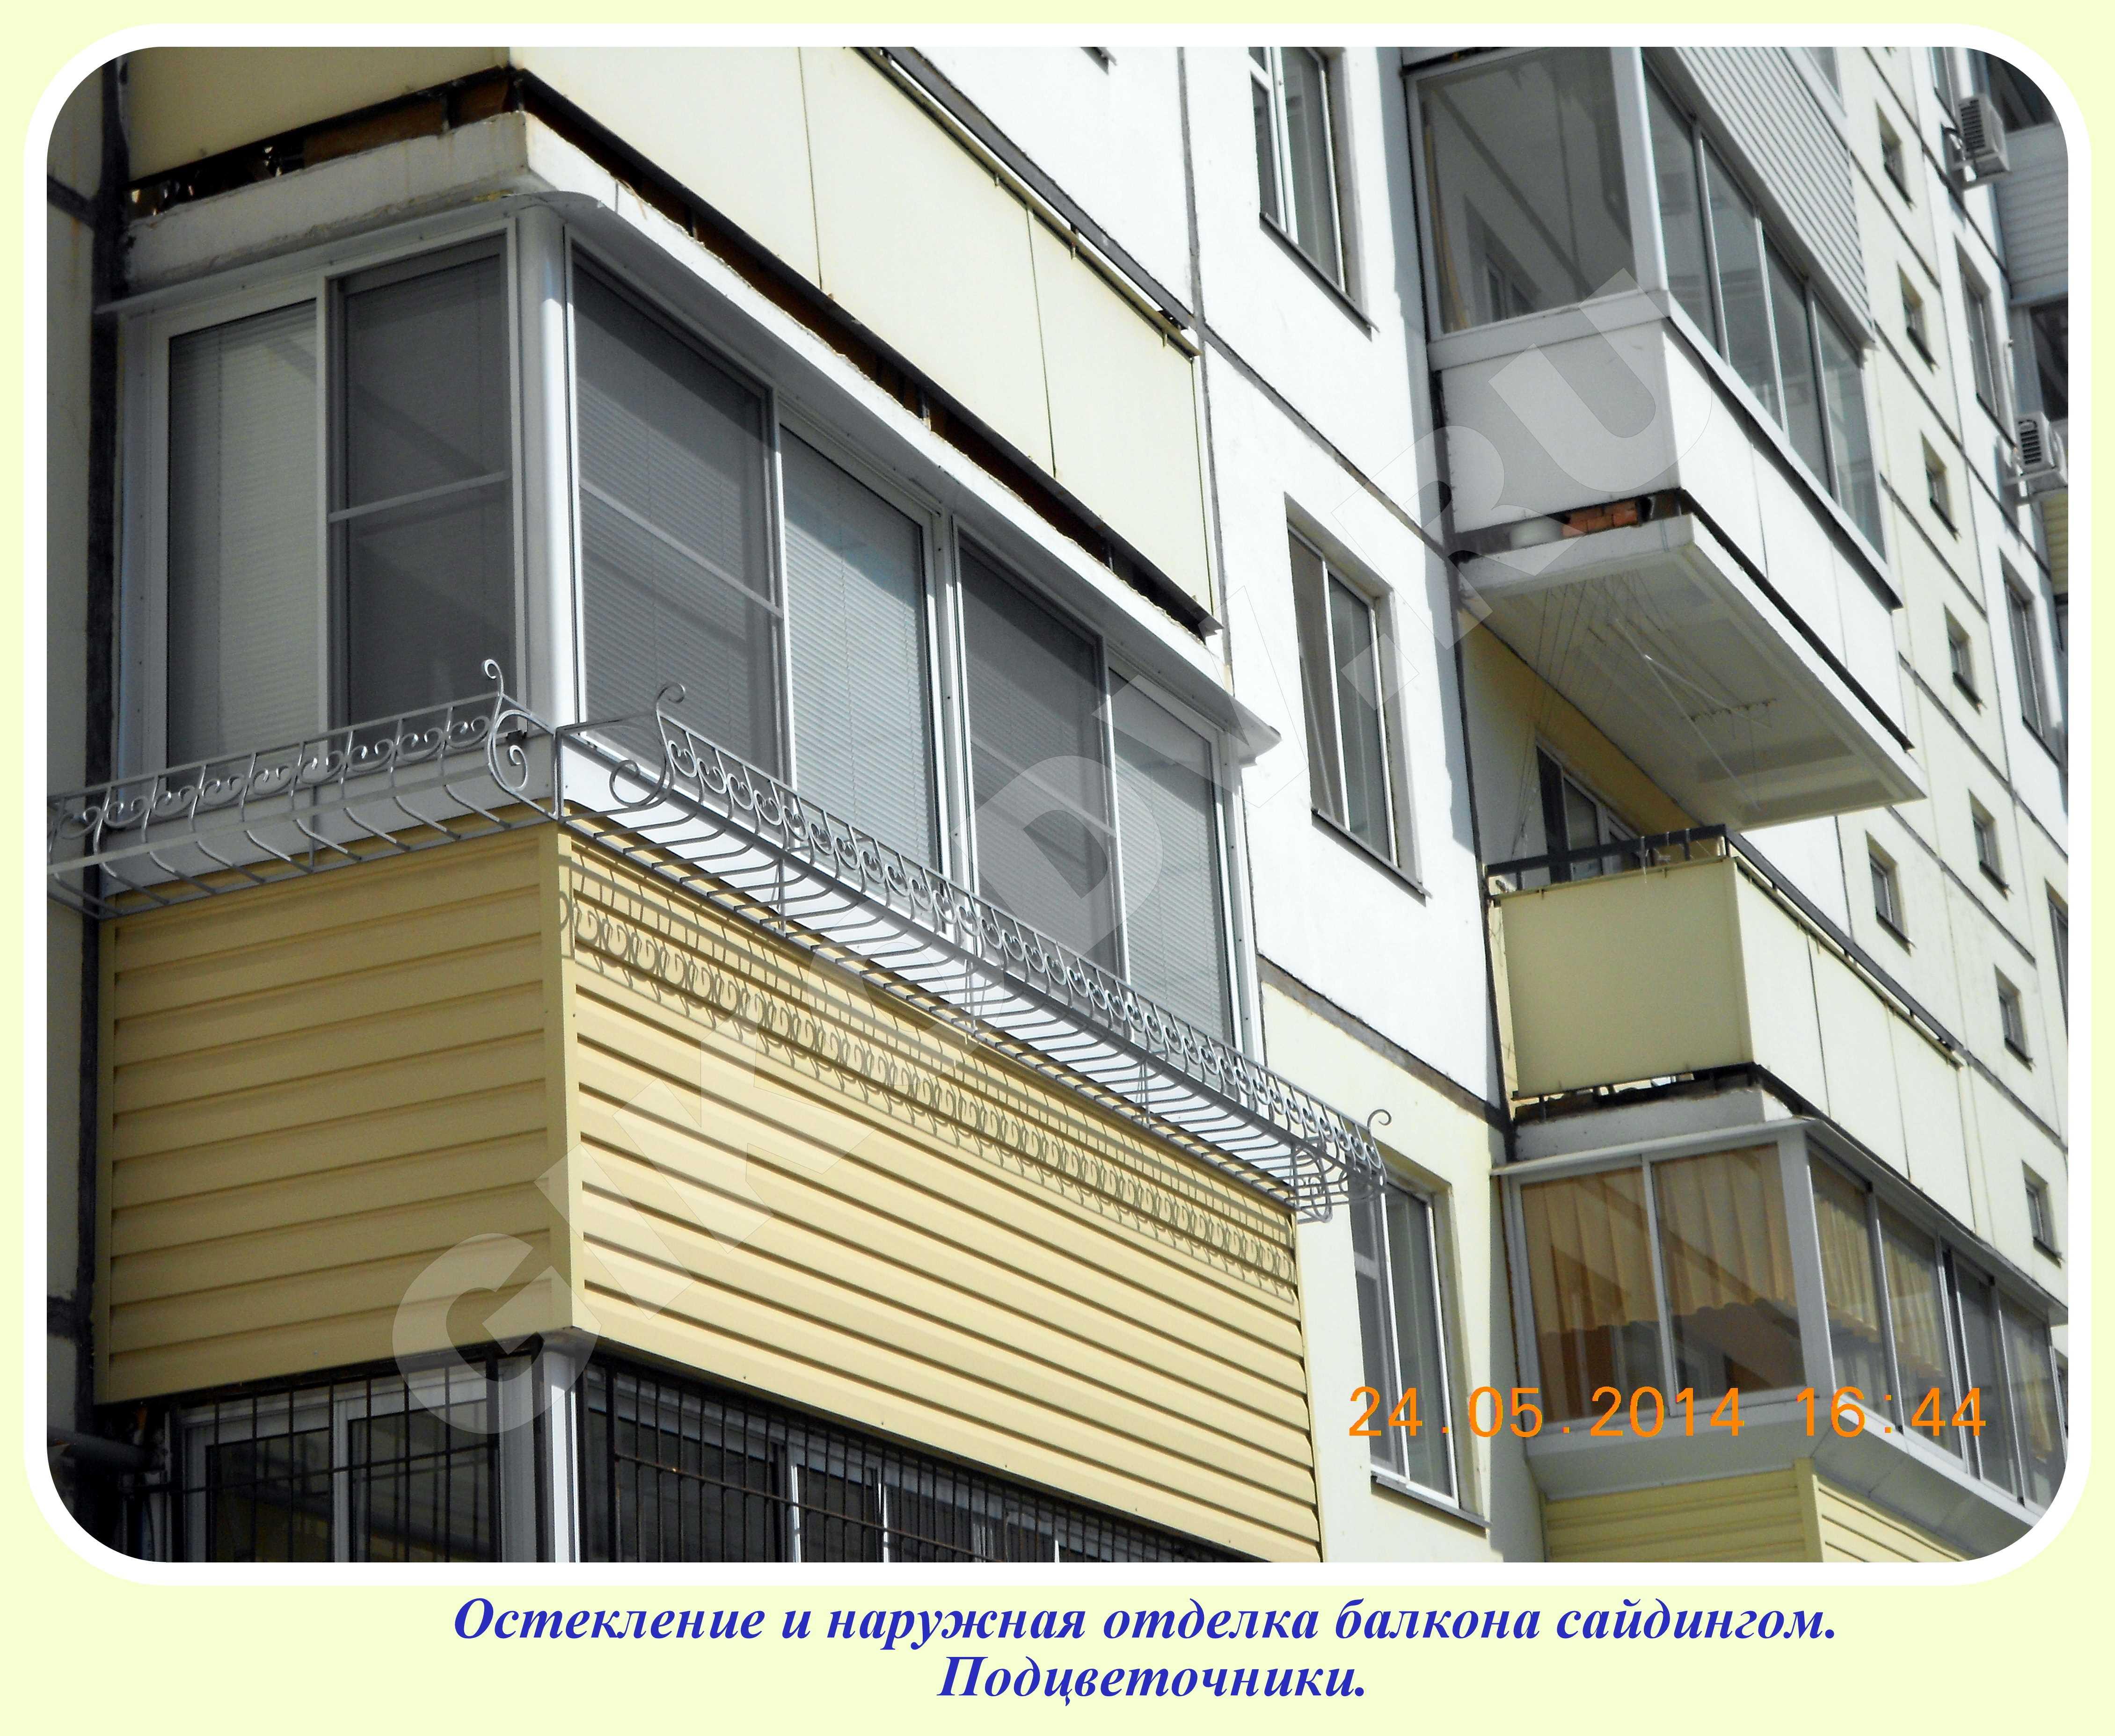 Балконы виды остекления.